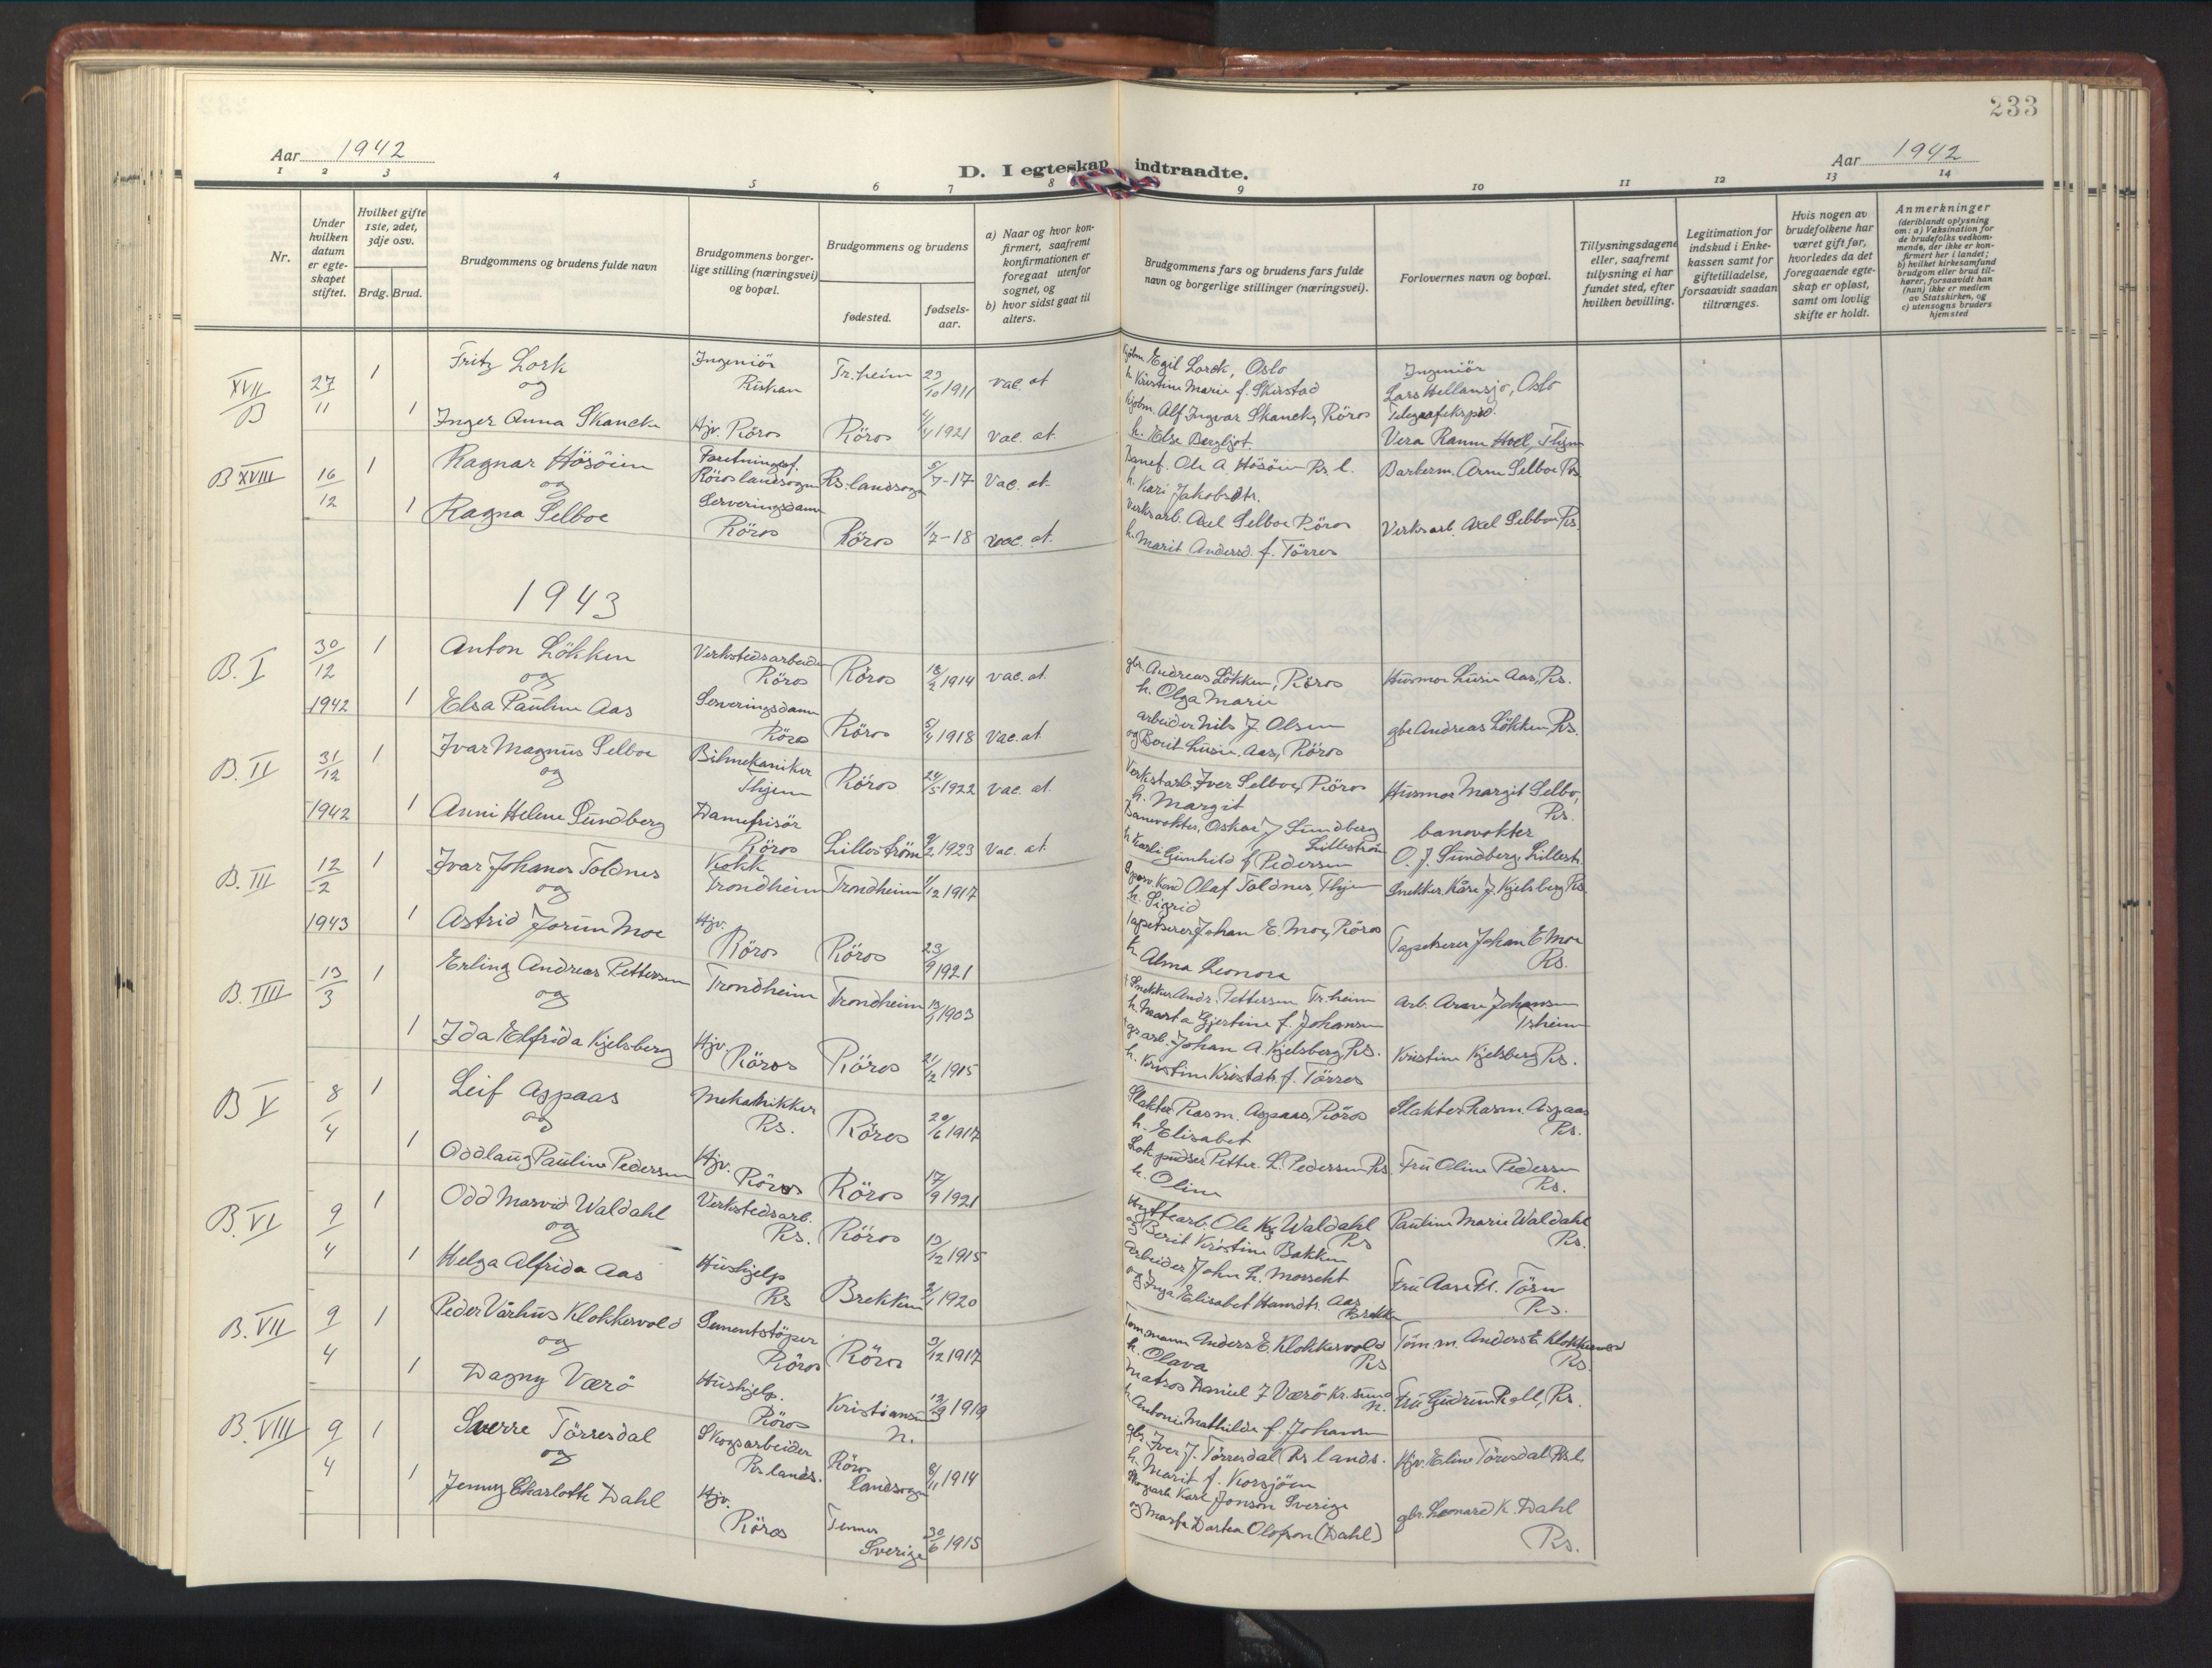 SAT, Ministerialprotokoller, klokkerbøker og fødselsregistre - Sør-Trøndelag, 681/L0943: Klokkerbok nr. 681C07, 1926-1954, s. 233